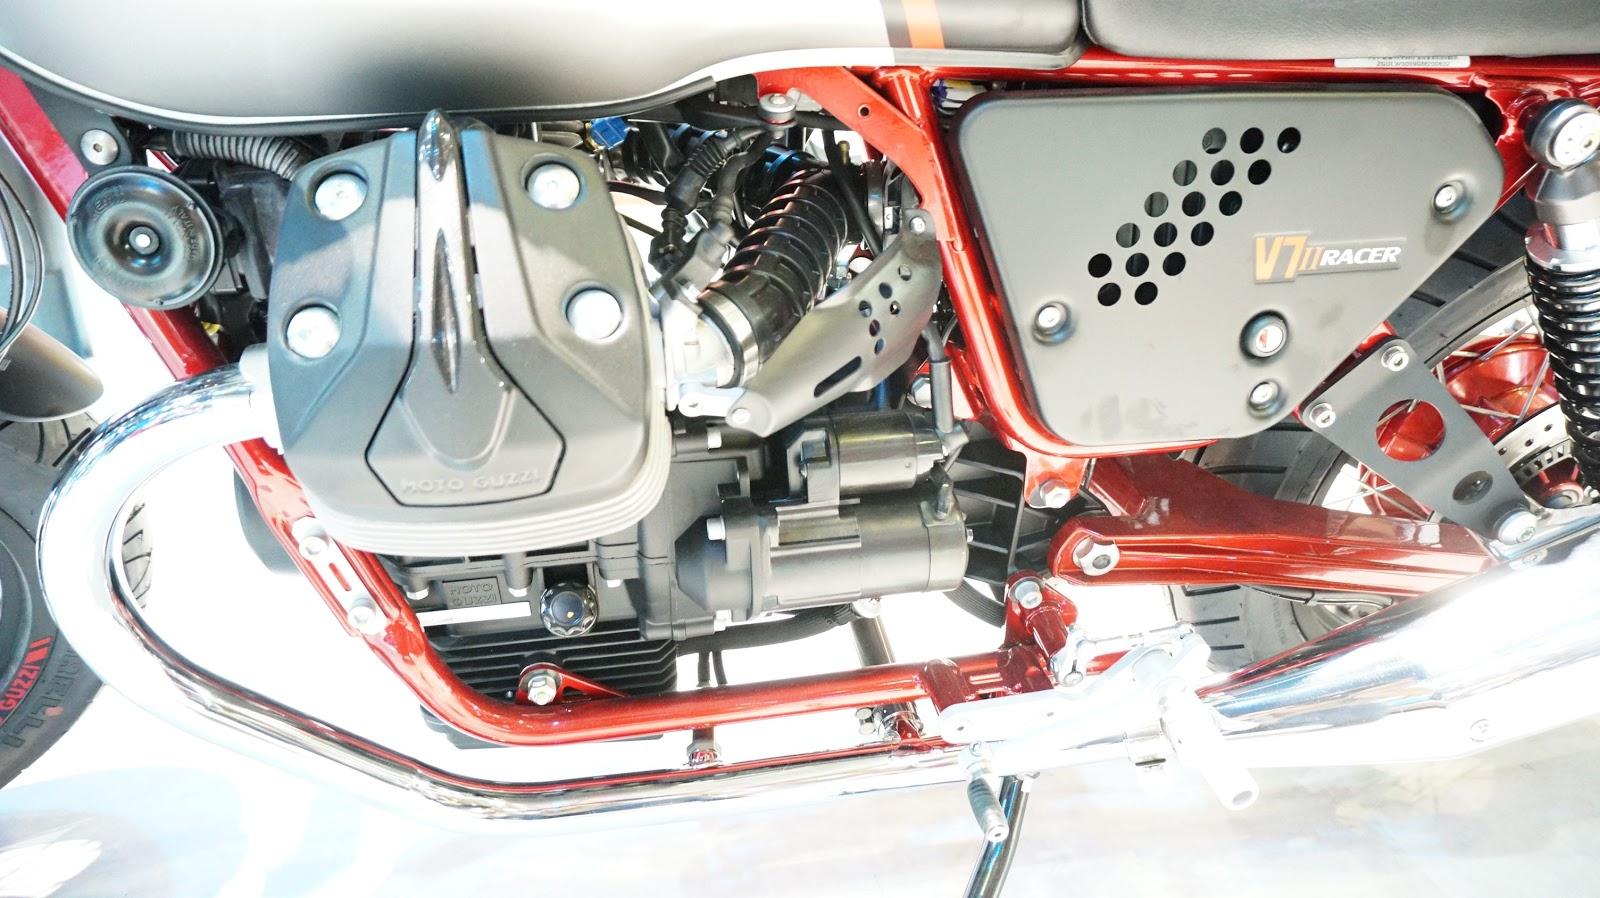 Khối động cơ của Moto Guzzi V7 II khá vừa phải, phù hợp mọi công việc, nẻo đường